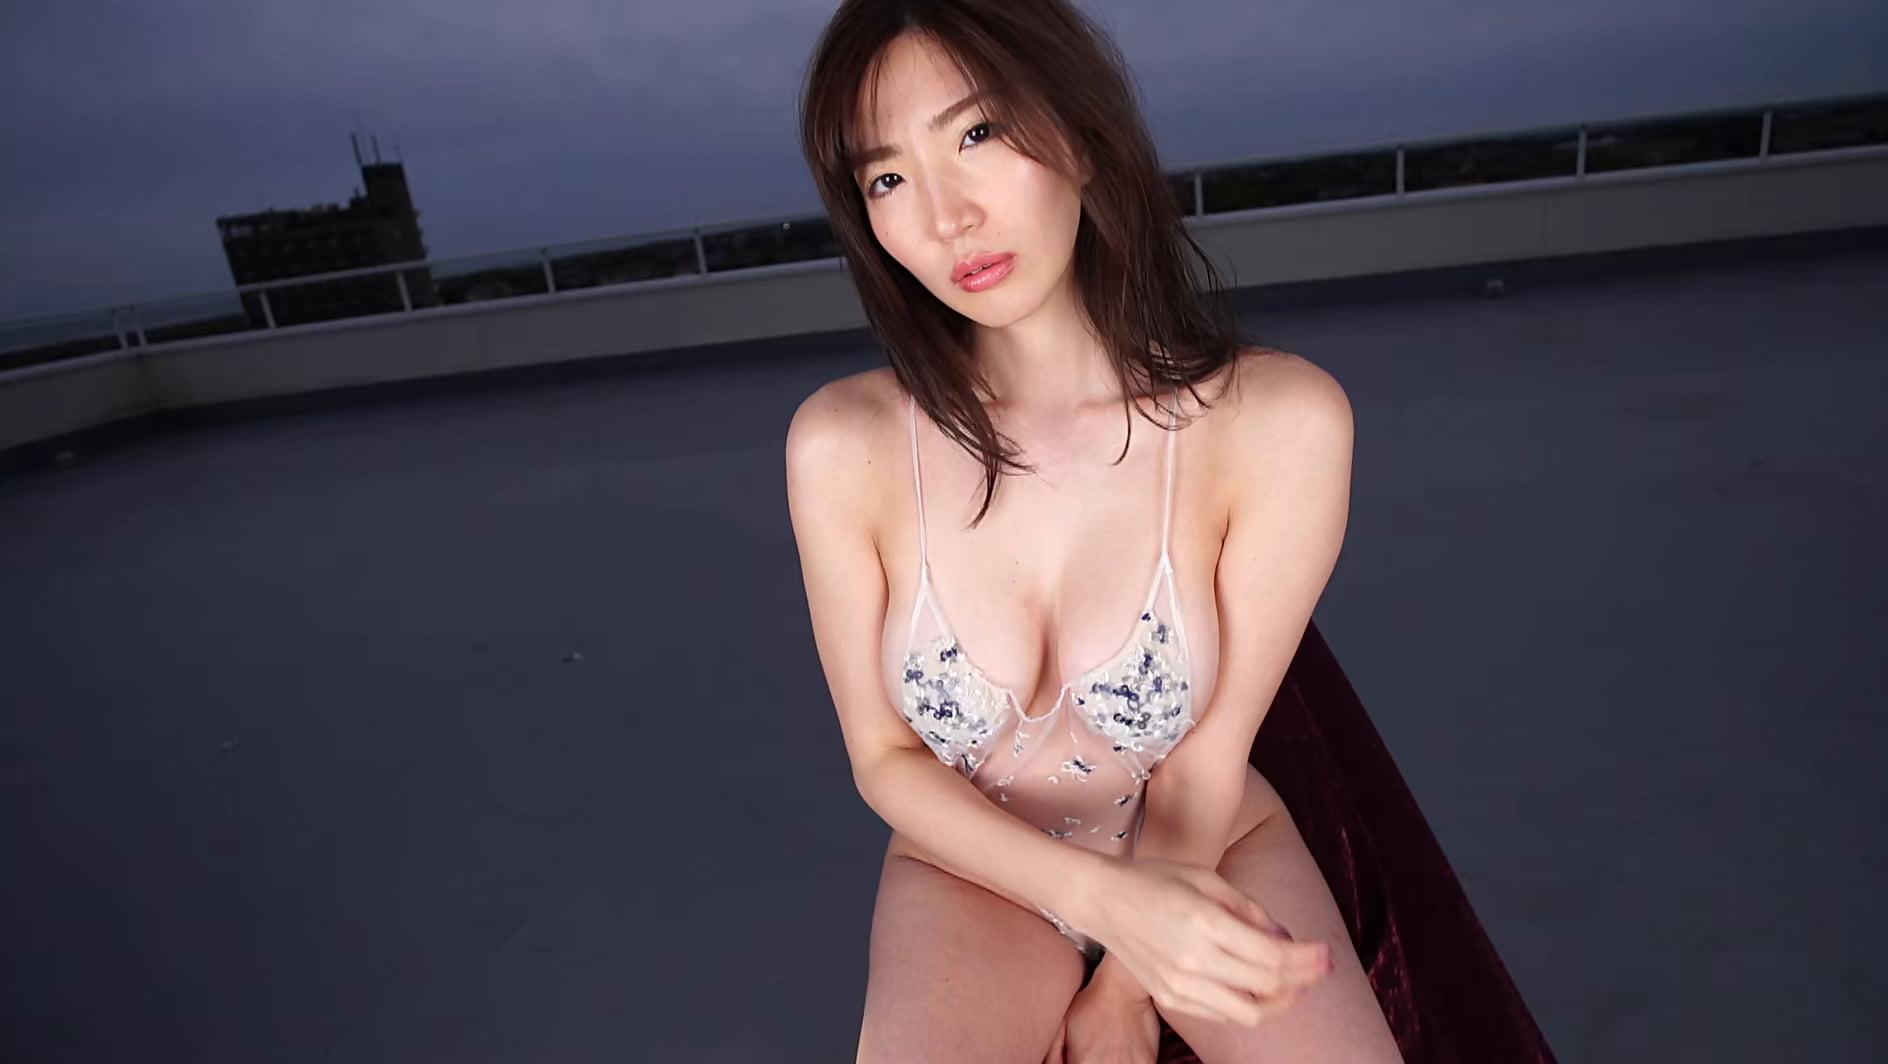 グラビアアイドルGIF画像|これはまいった。最高傑作→元カノはえいみ 松嶋えいみ.webm画像